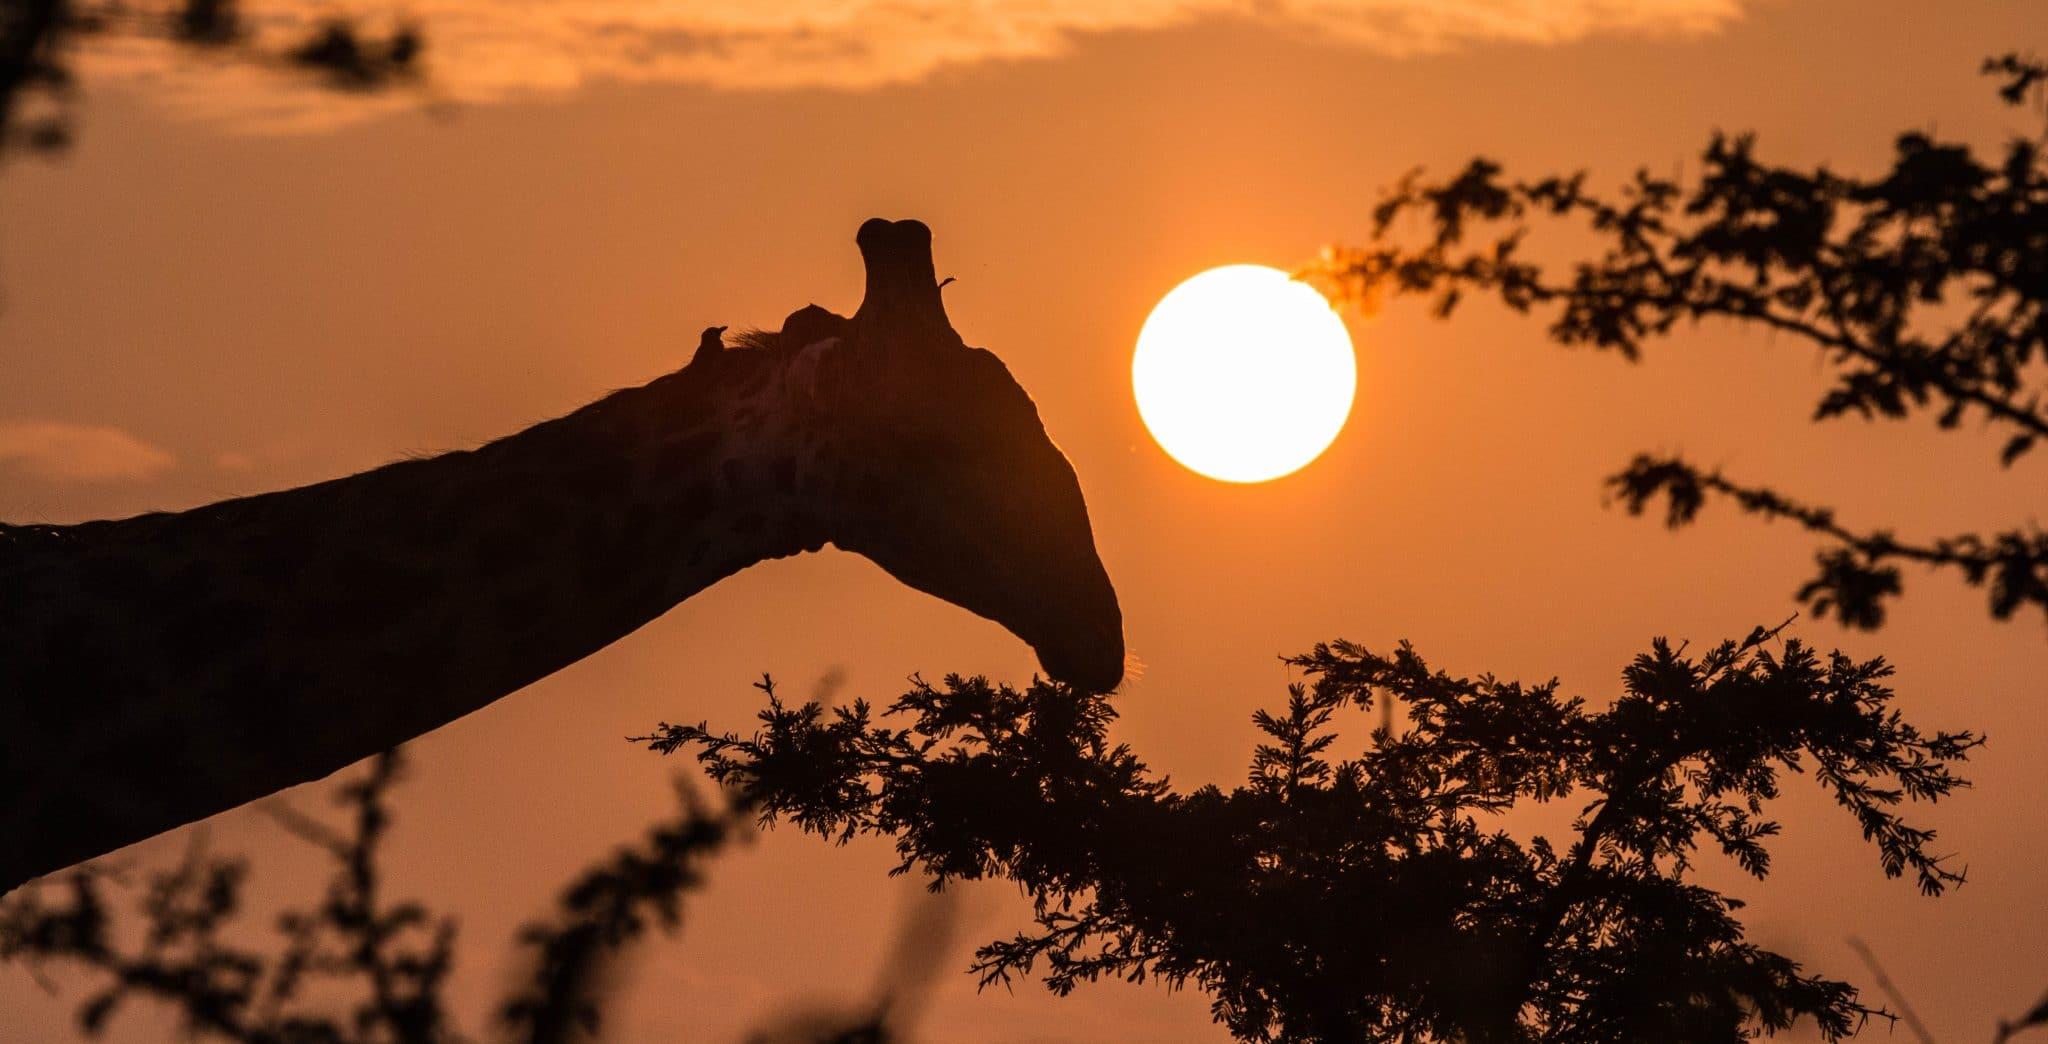 hluhluwe-imfolozi full day safari